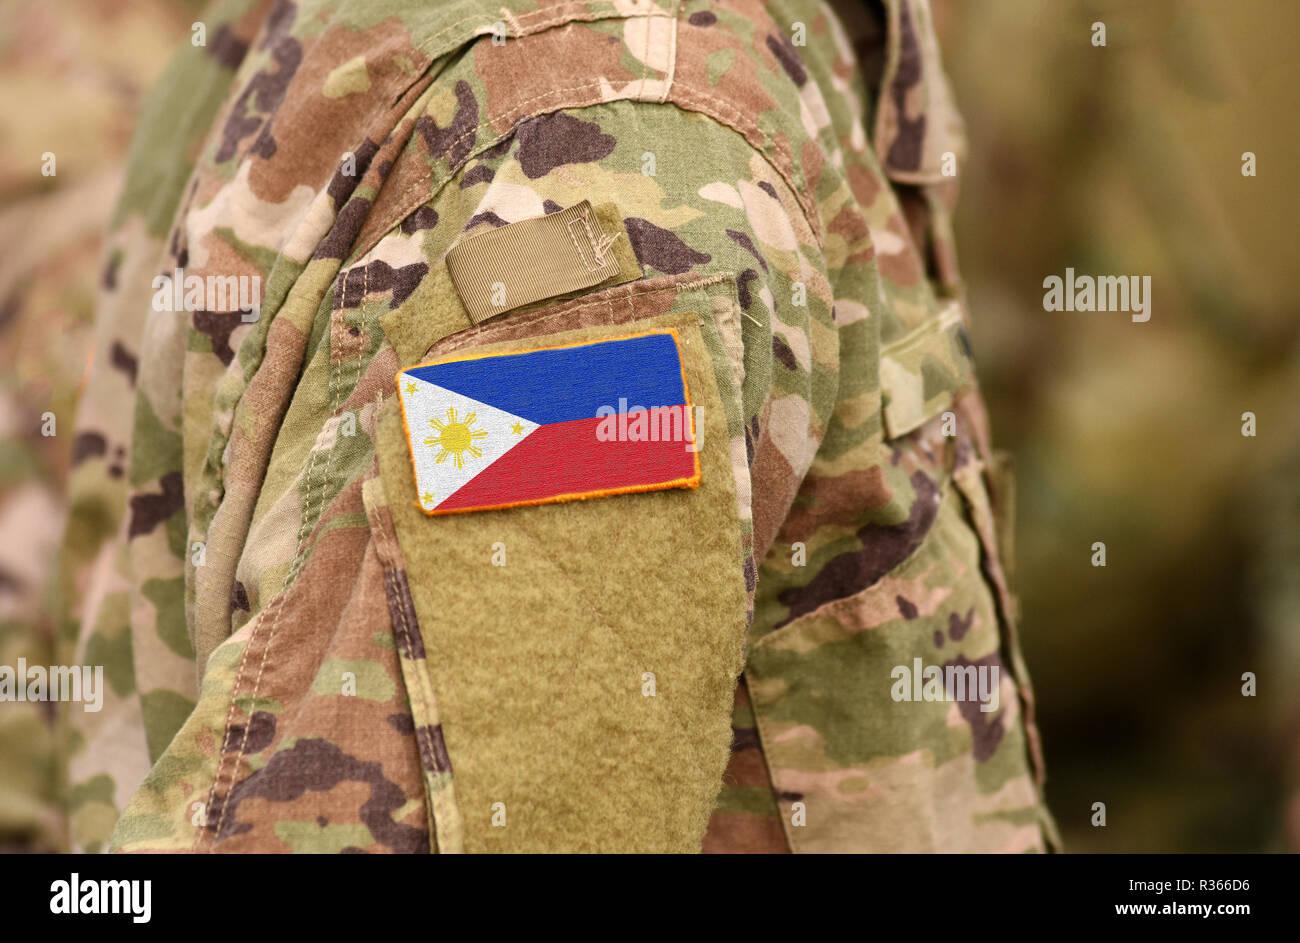 Bandiera delle Filippine sul braccio di soldati. Filippine truppe (collage) Immagini Stock